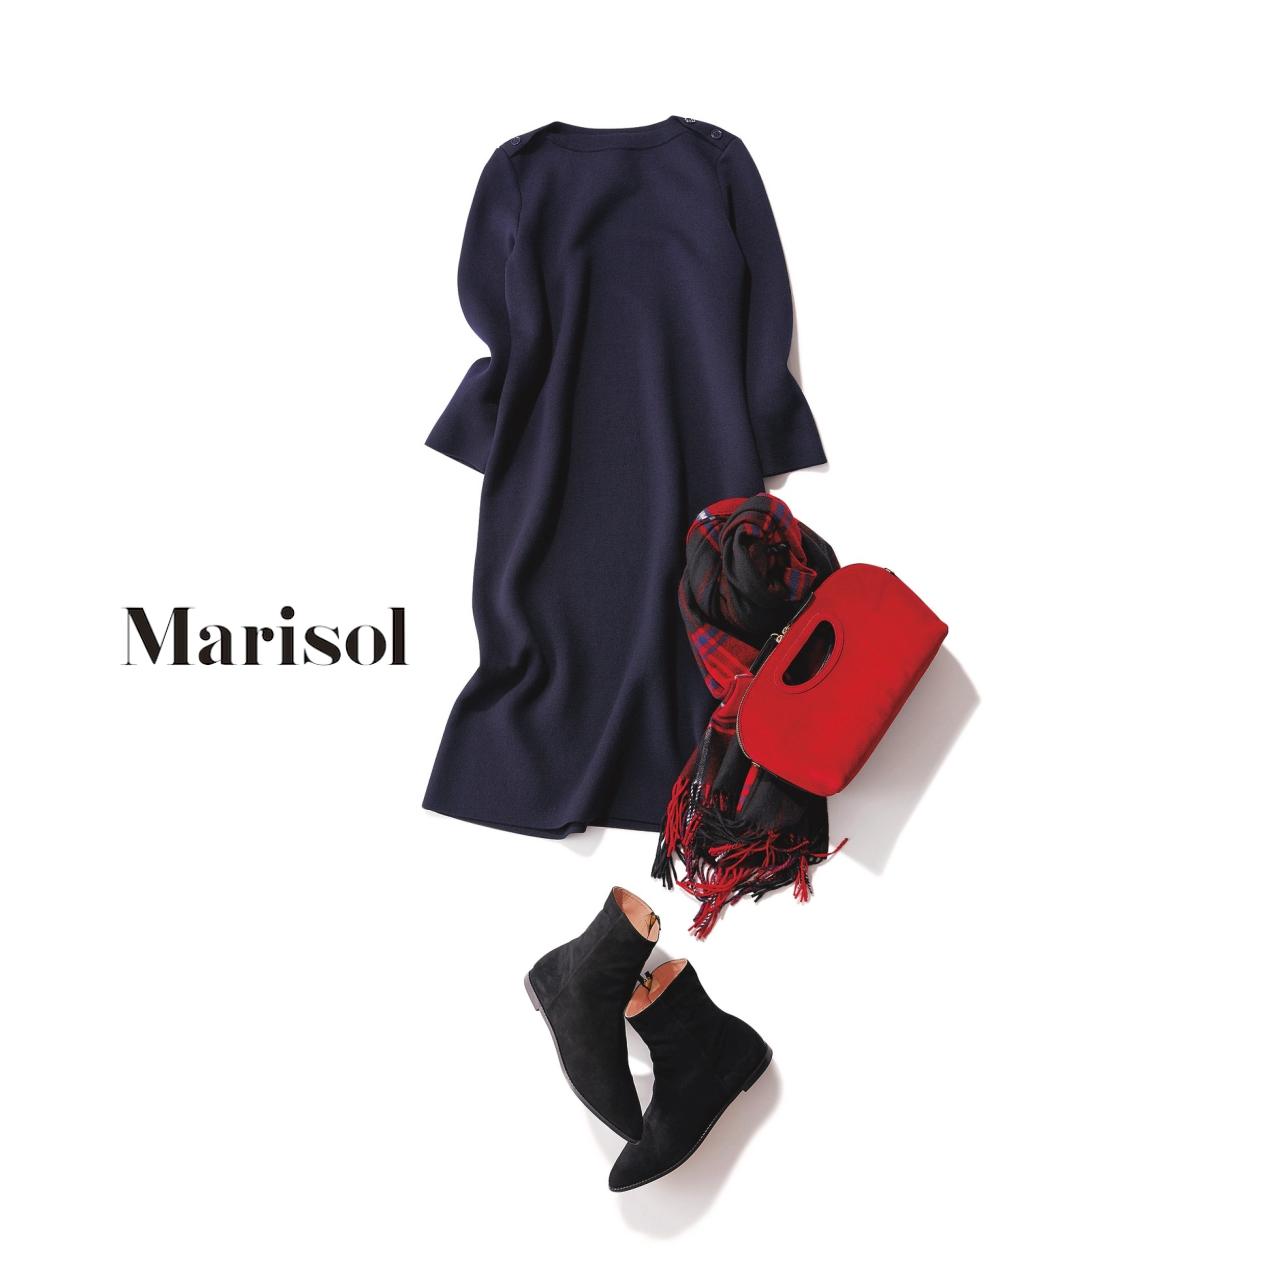 40代ファッション ニットワンピース×ブーツコーデ